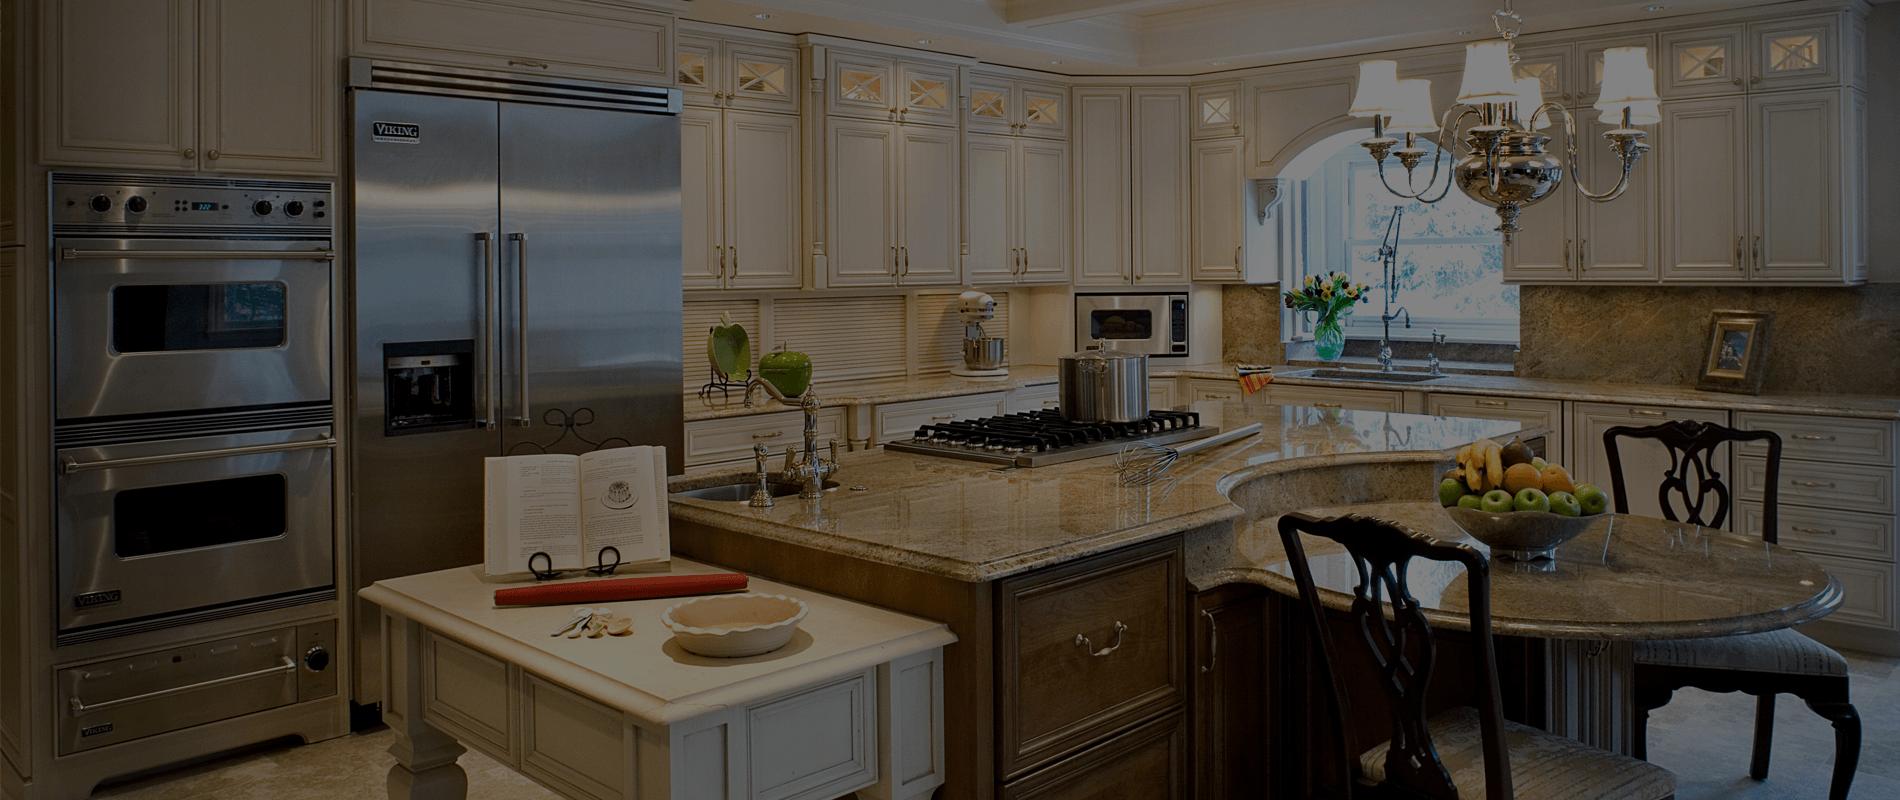 Modern Kitchen Cabinet Designs in Anchorage - Kitchens by Design